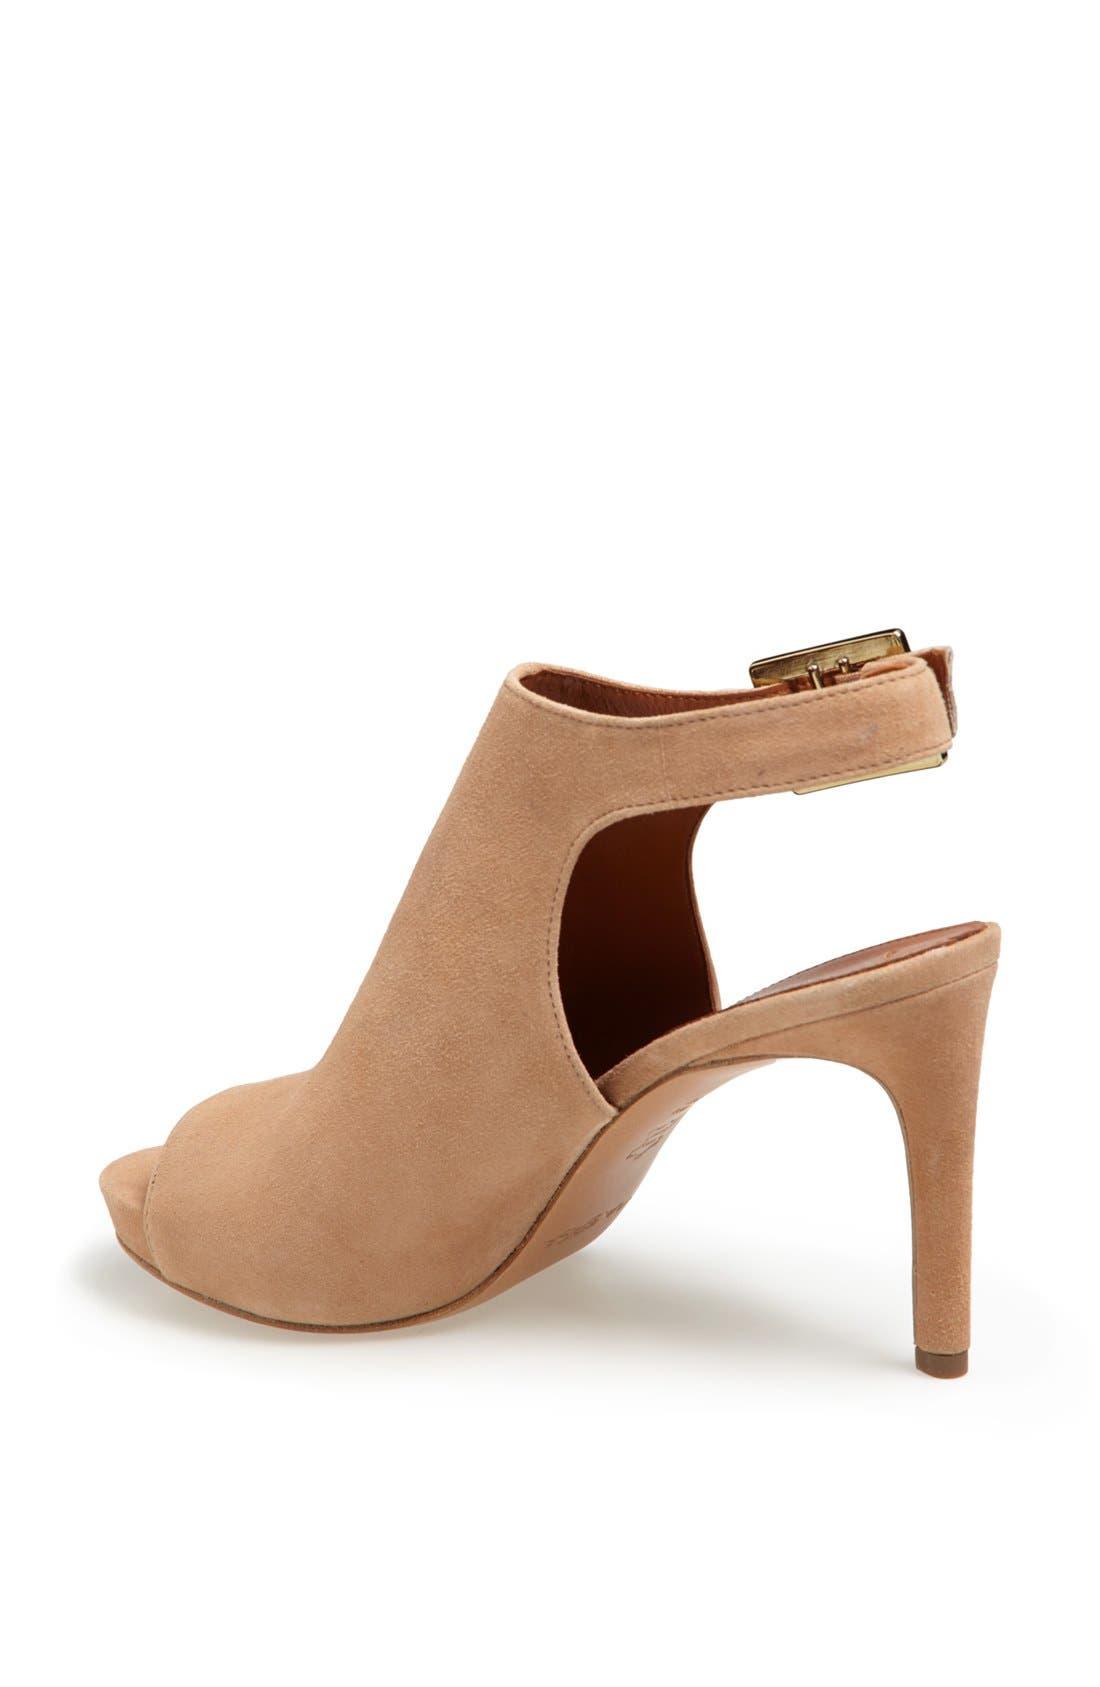 'Nino' Ankle Strap Sandal,                             Alternate thumbnail 2, color,                             Desert Suede